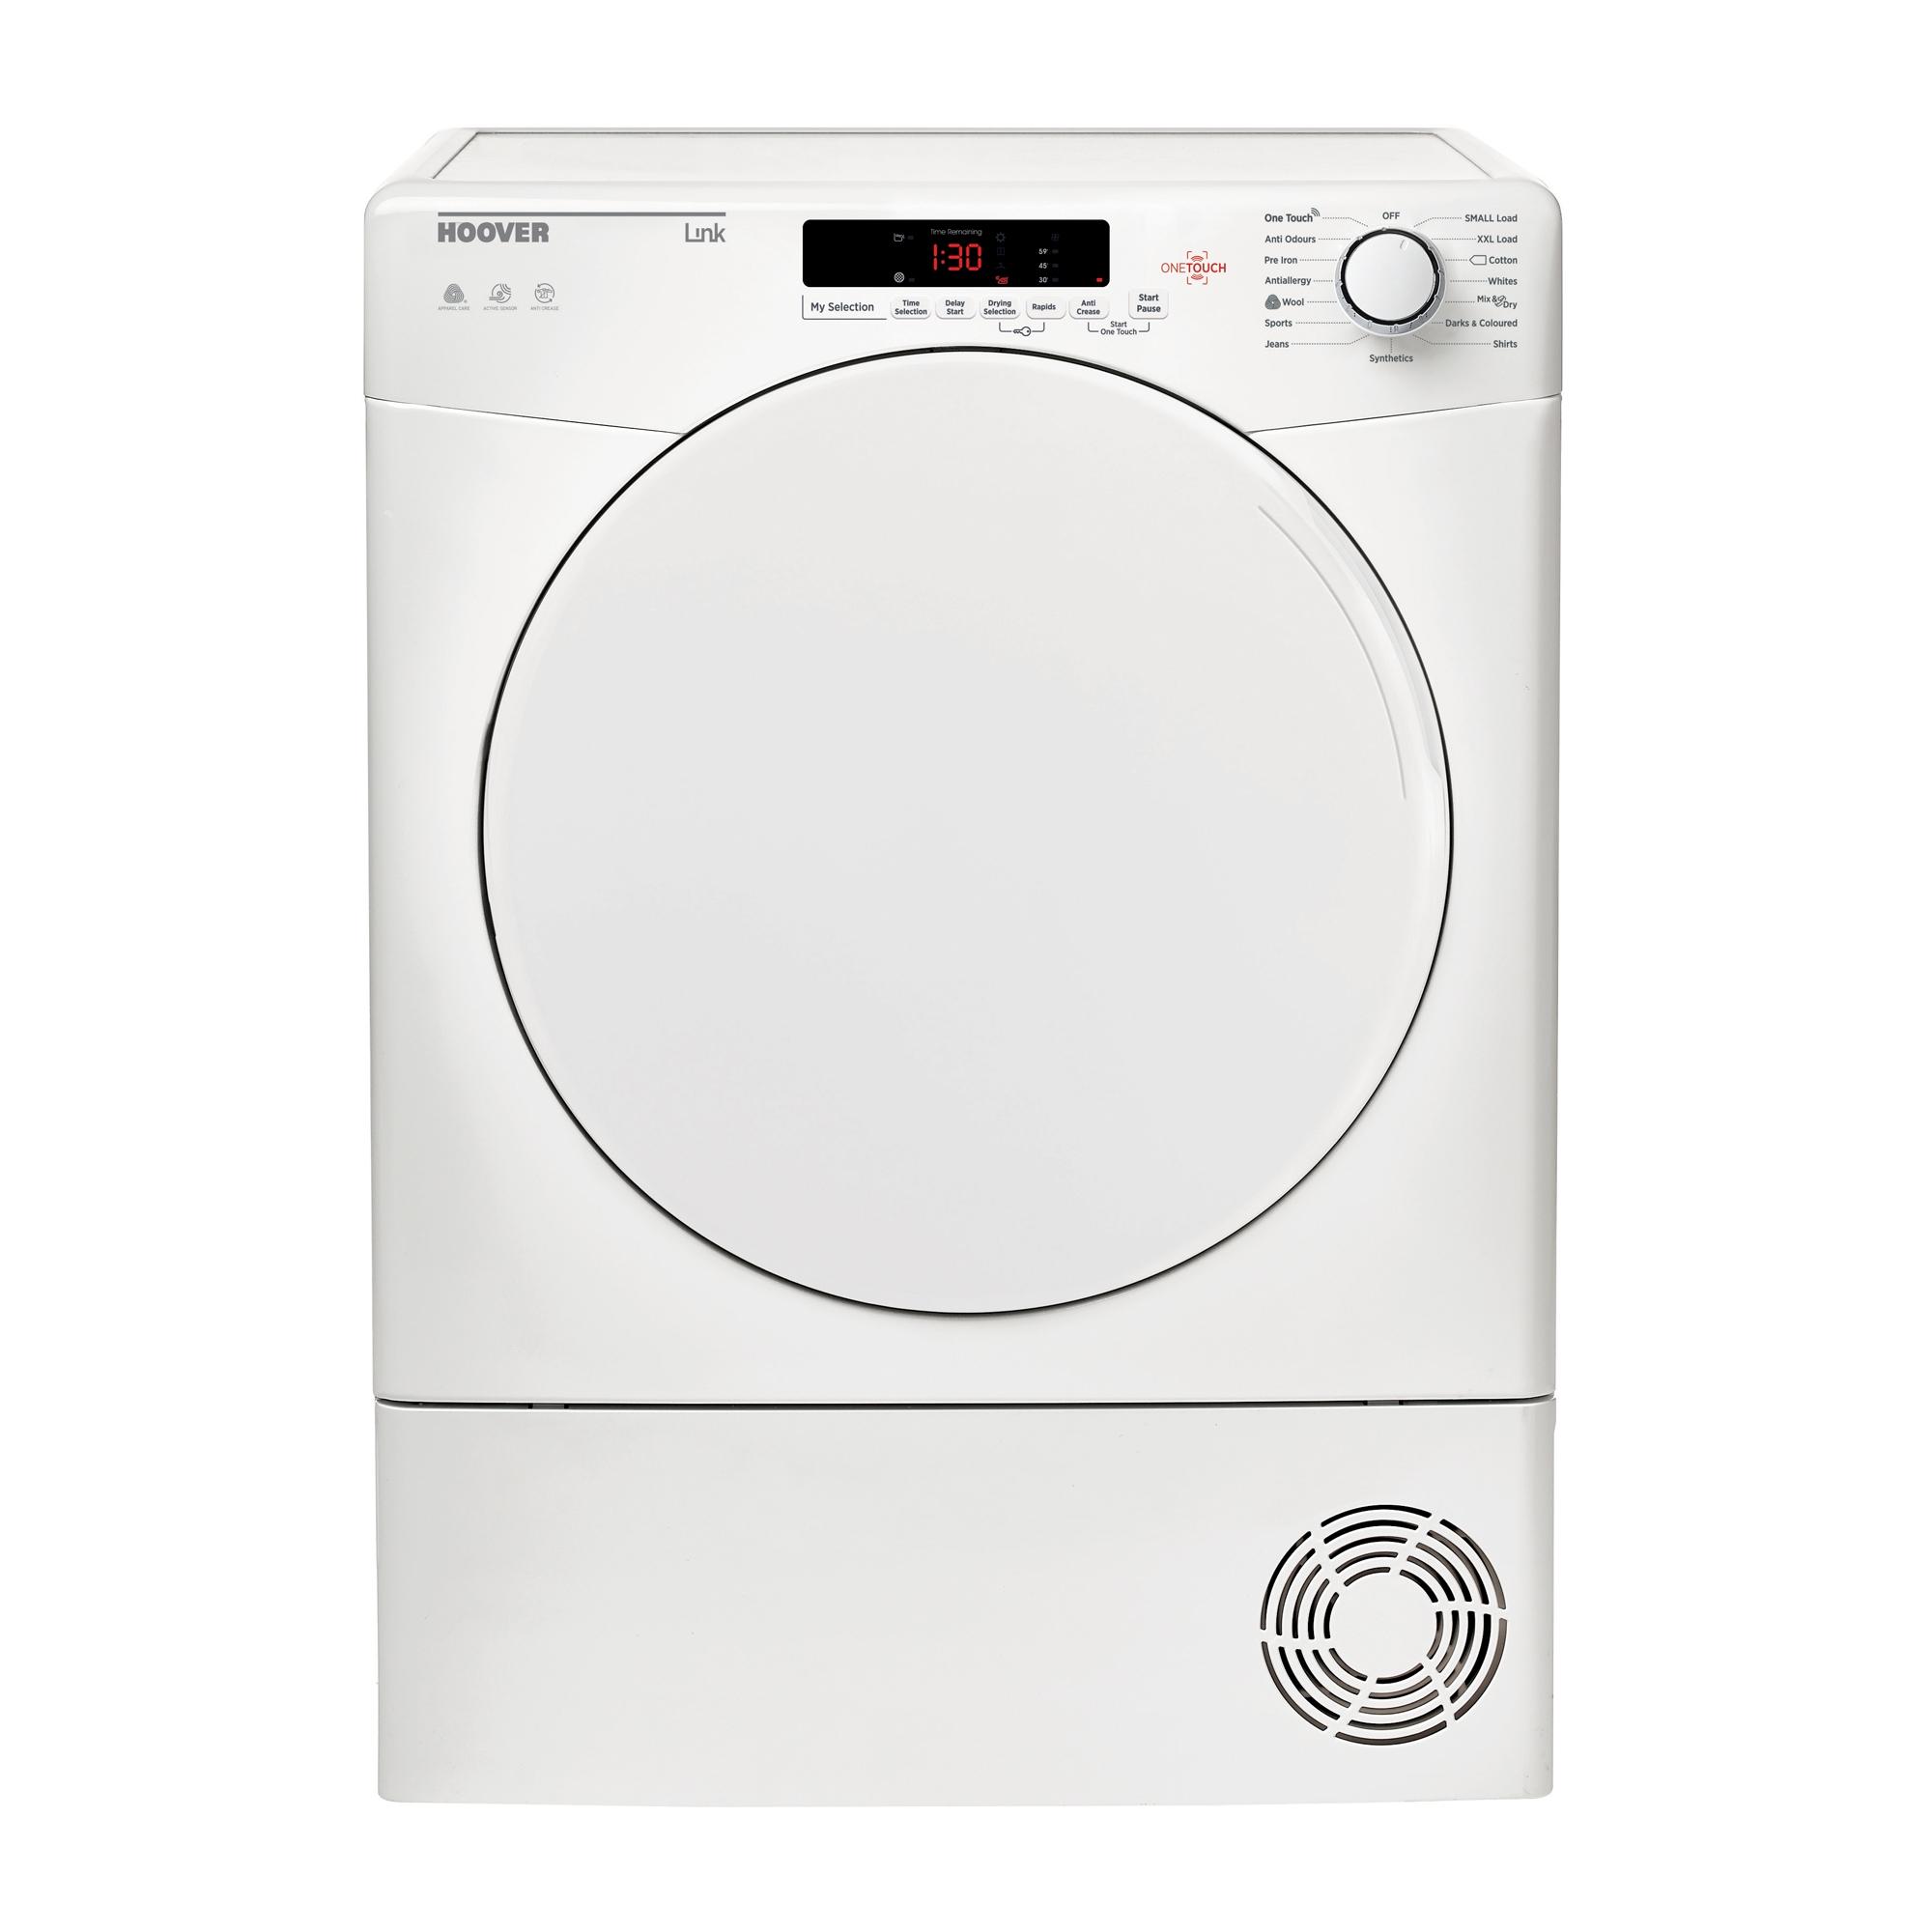 Hoover HLC8DF Tumble Dryer Condenser White 8kg Sensor B Energy Rating